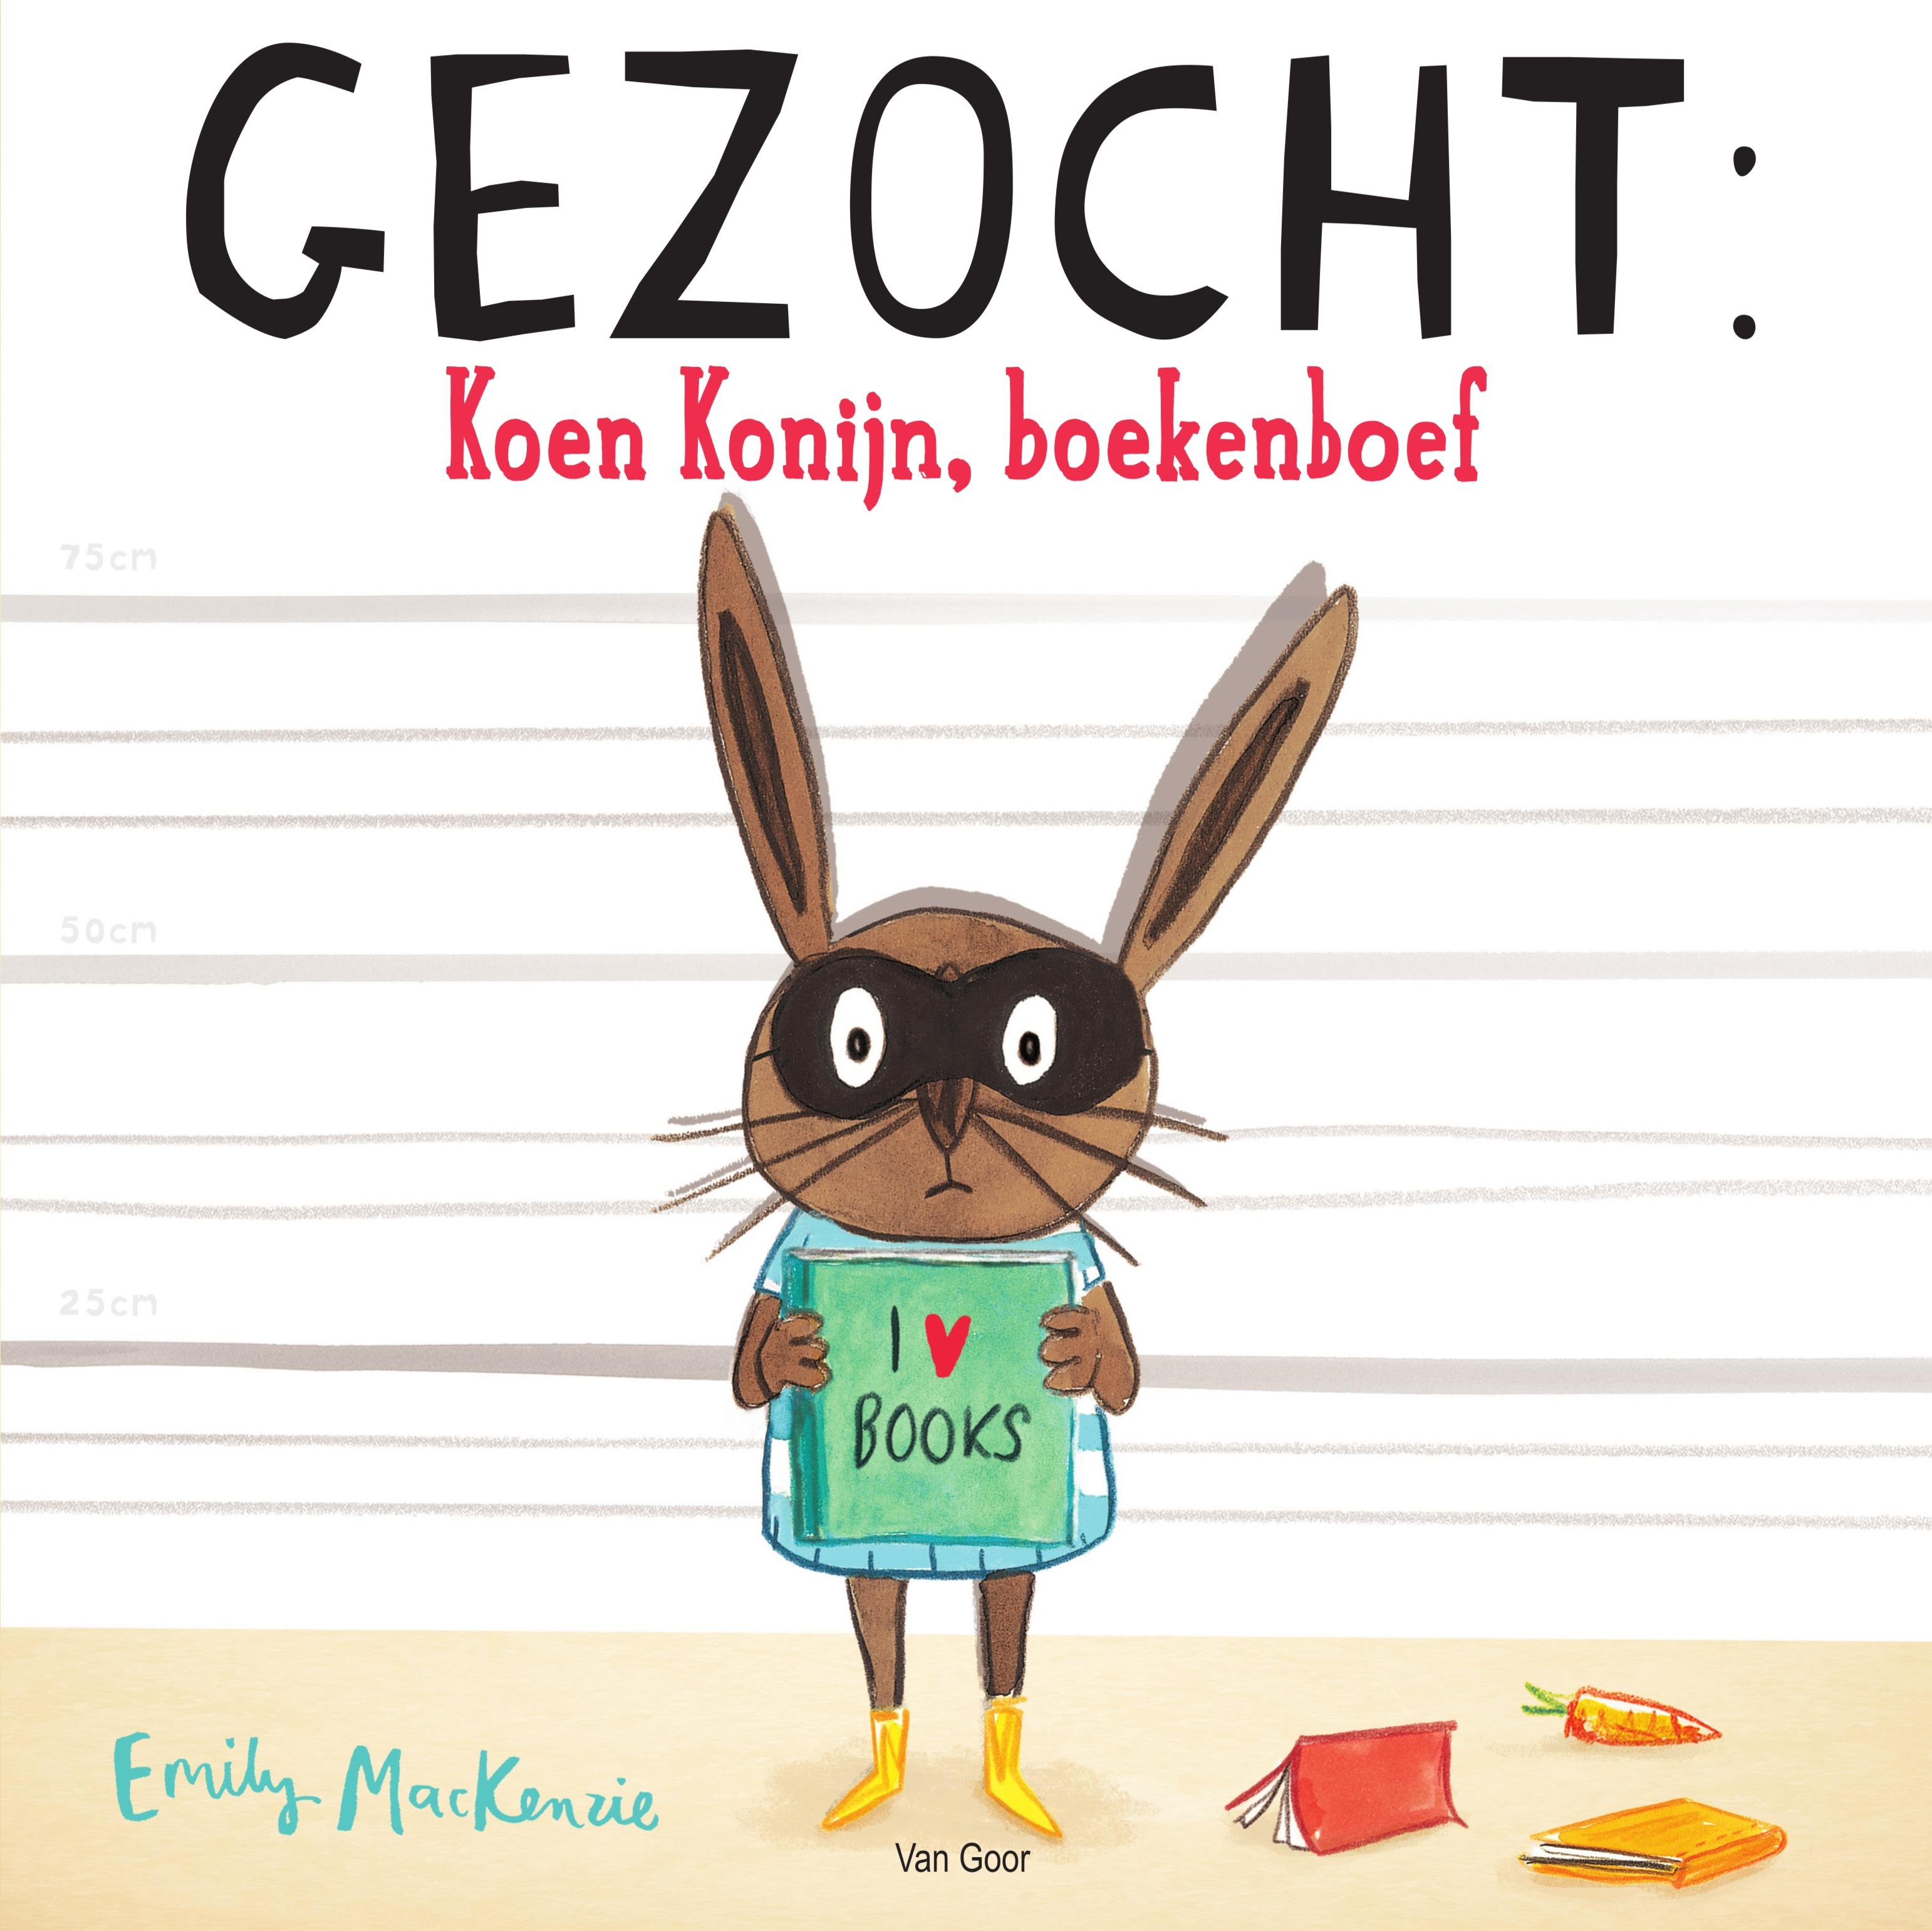 Gezocht: Koen konijn, boekenboef Boek omslag